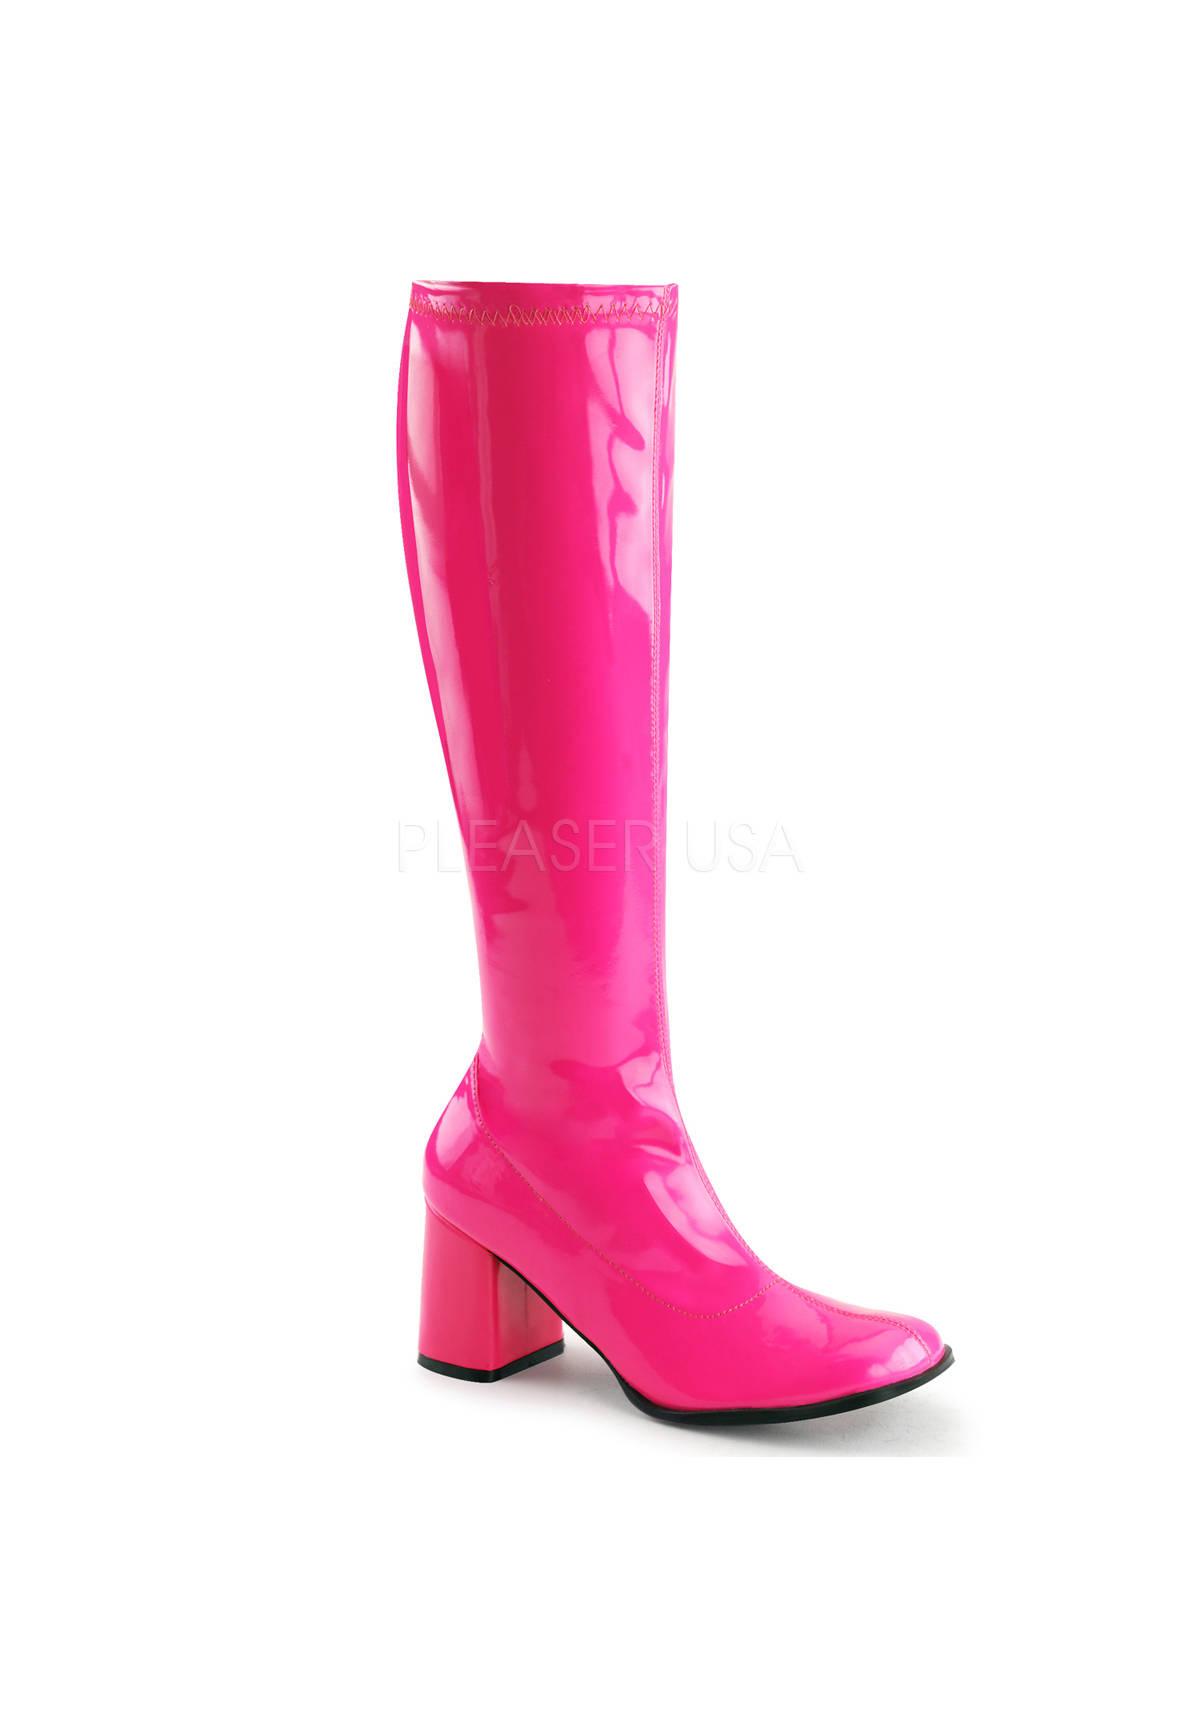 funtasma gogo 300uv 3 inch heel knee high boot